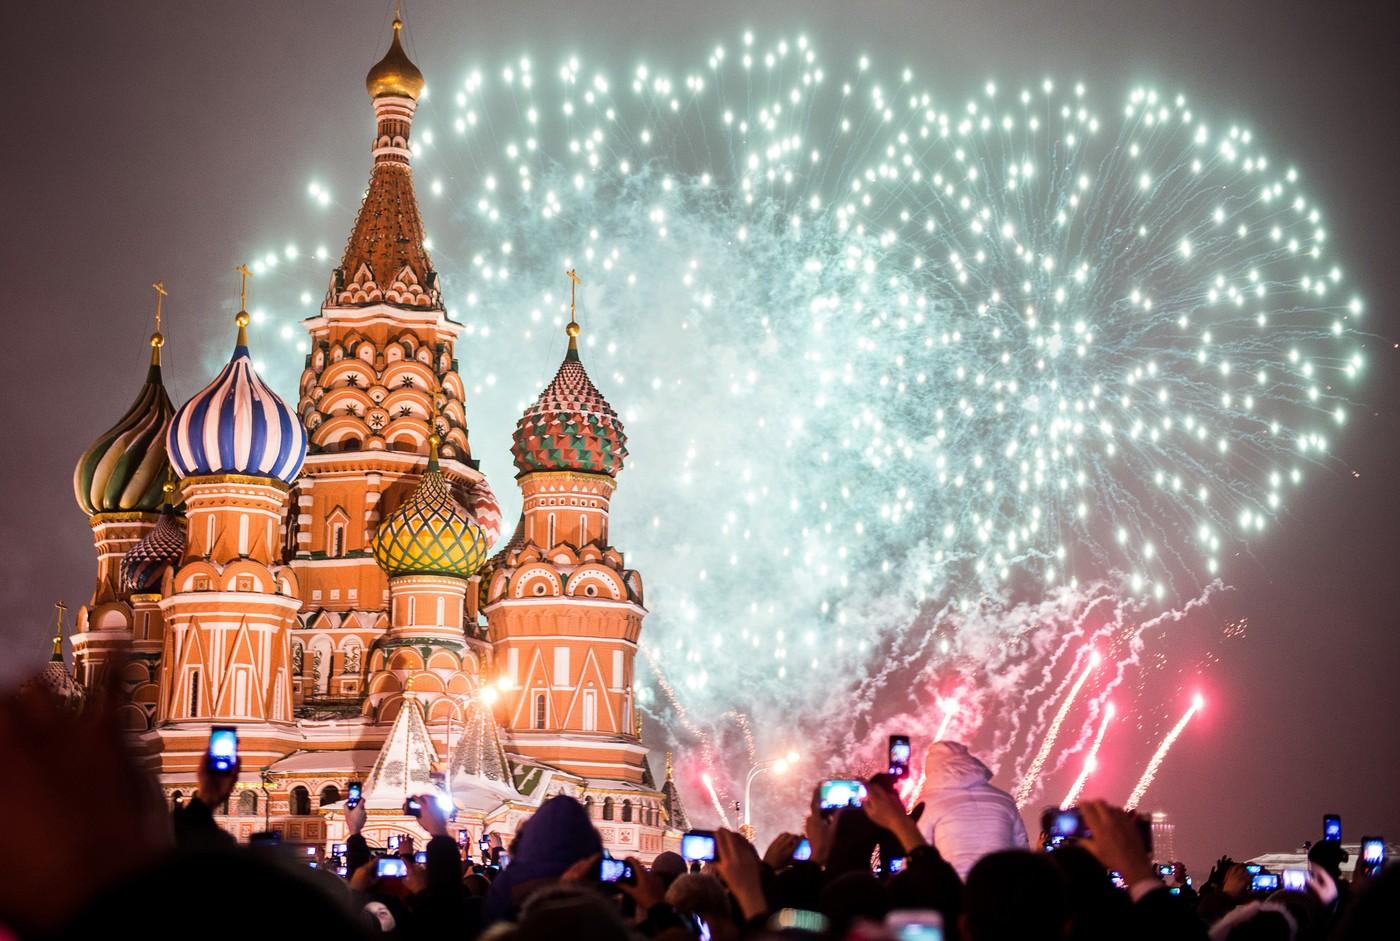 Праздник открытки москва, всем поздравления открытки